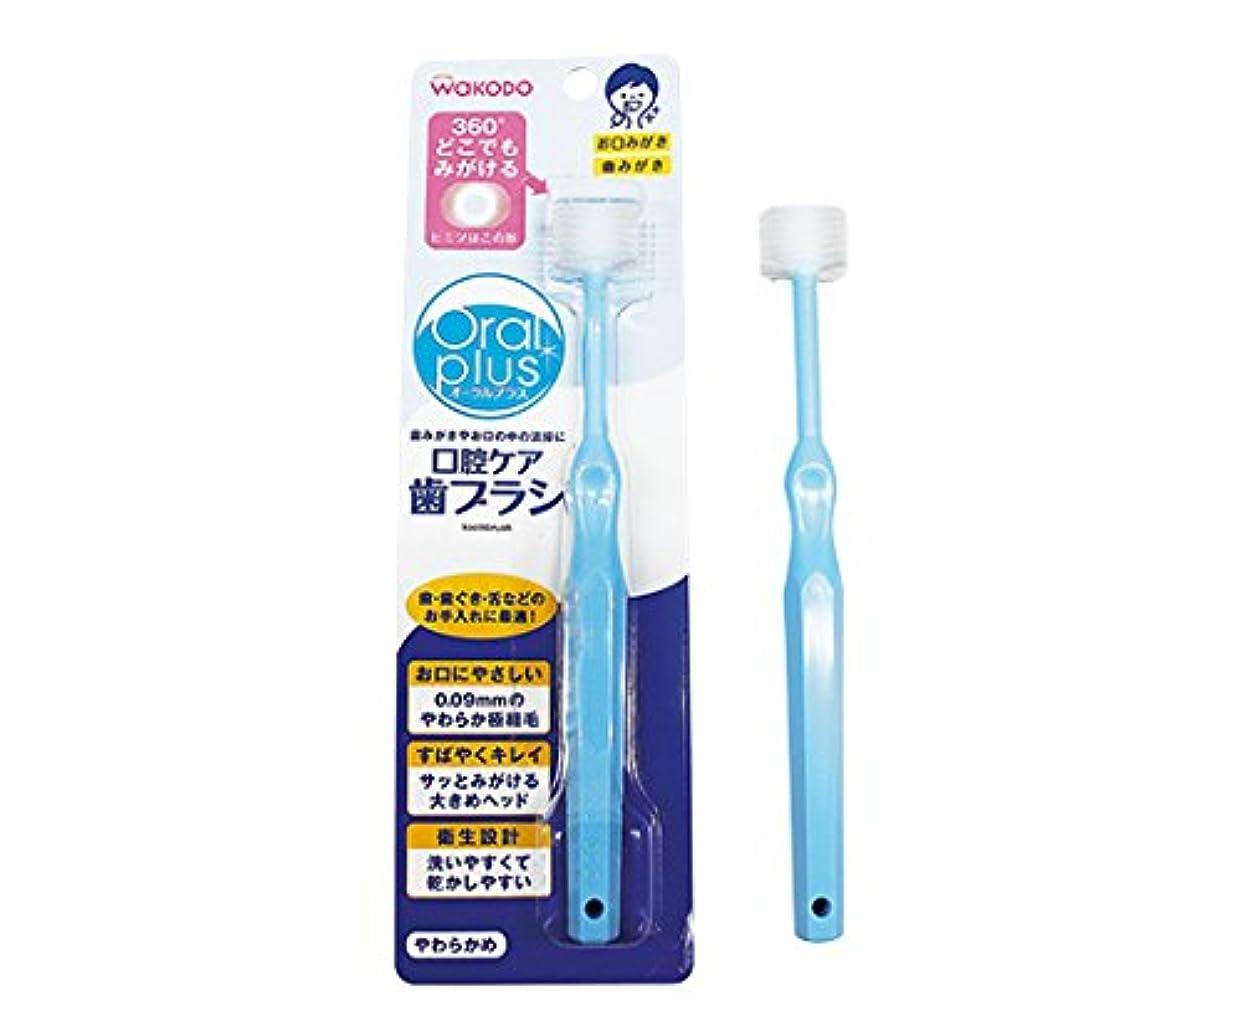 かろうじて定期的な関数和光堂7-3498-01口腔ケア歯ブラシ(オーラルプラス)